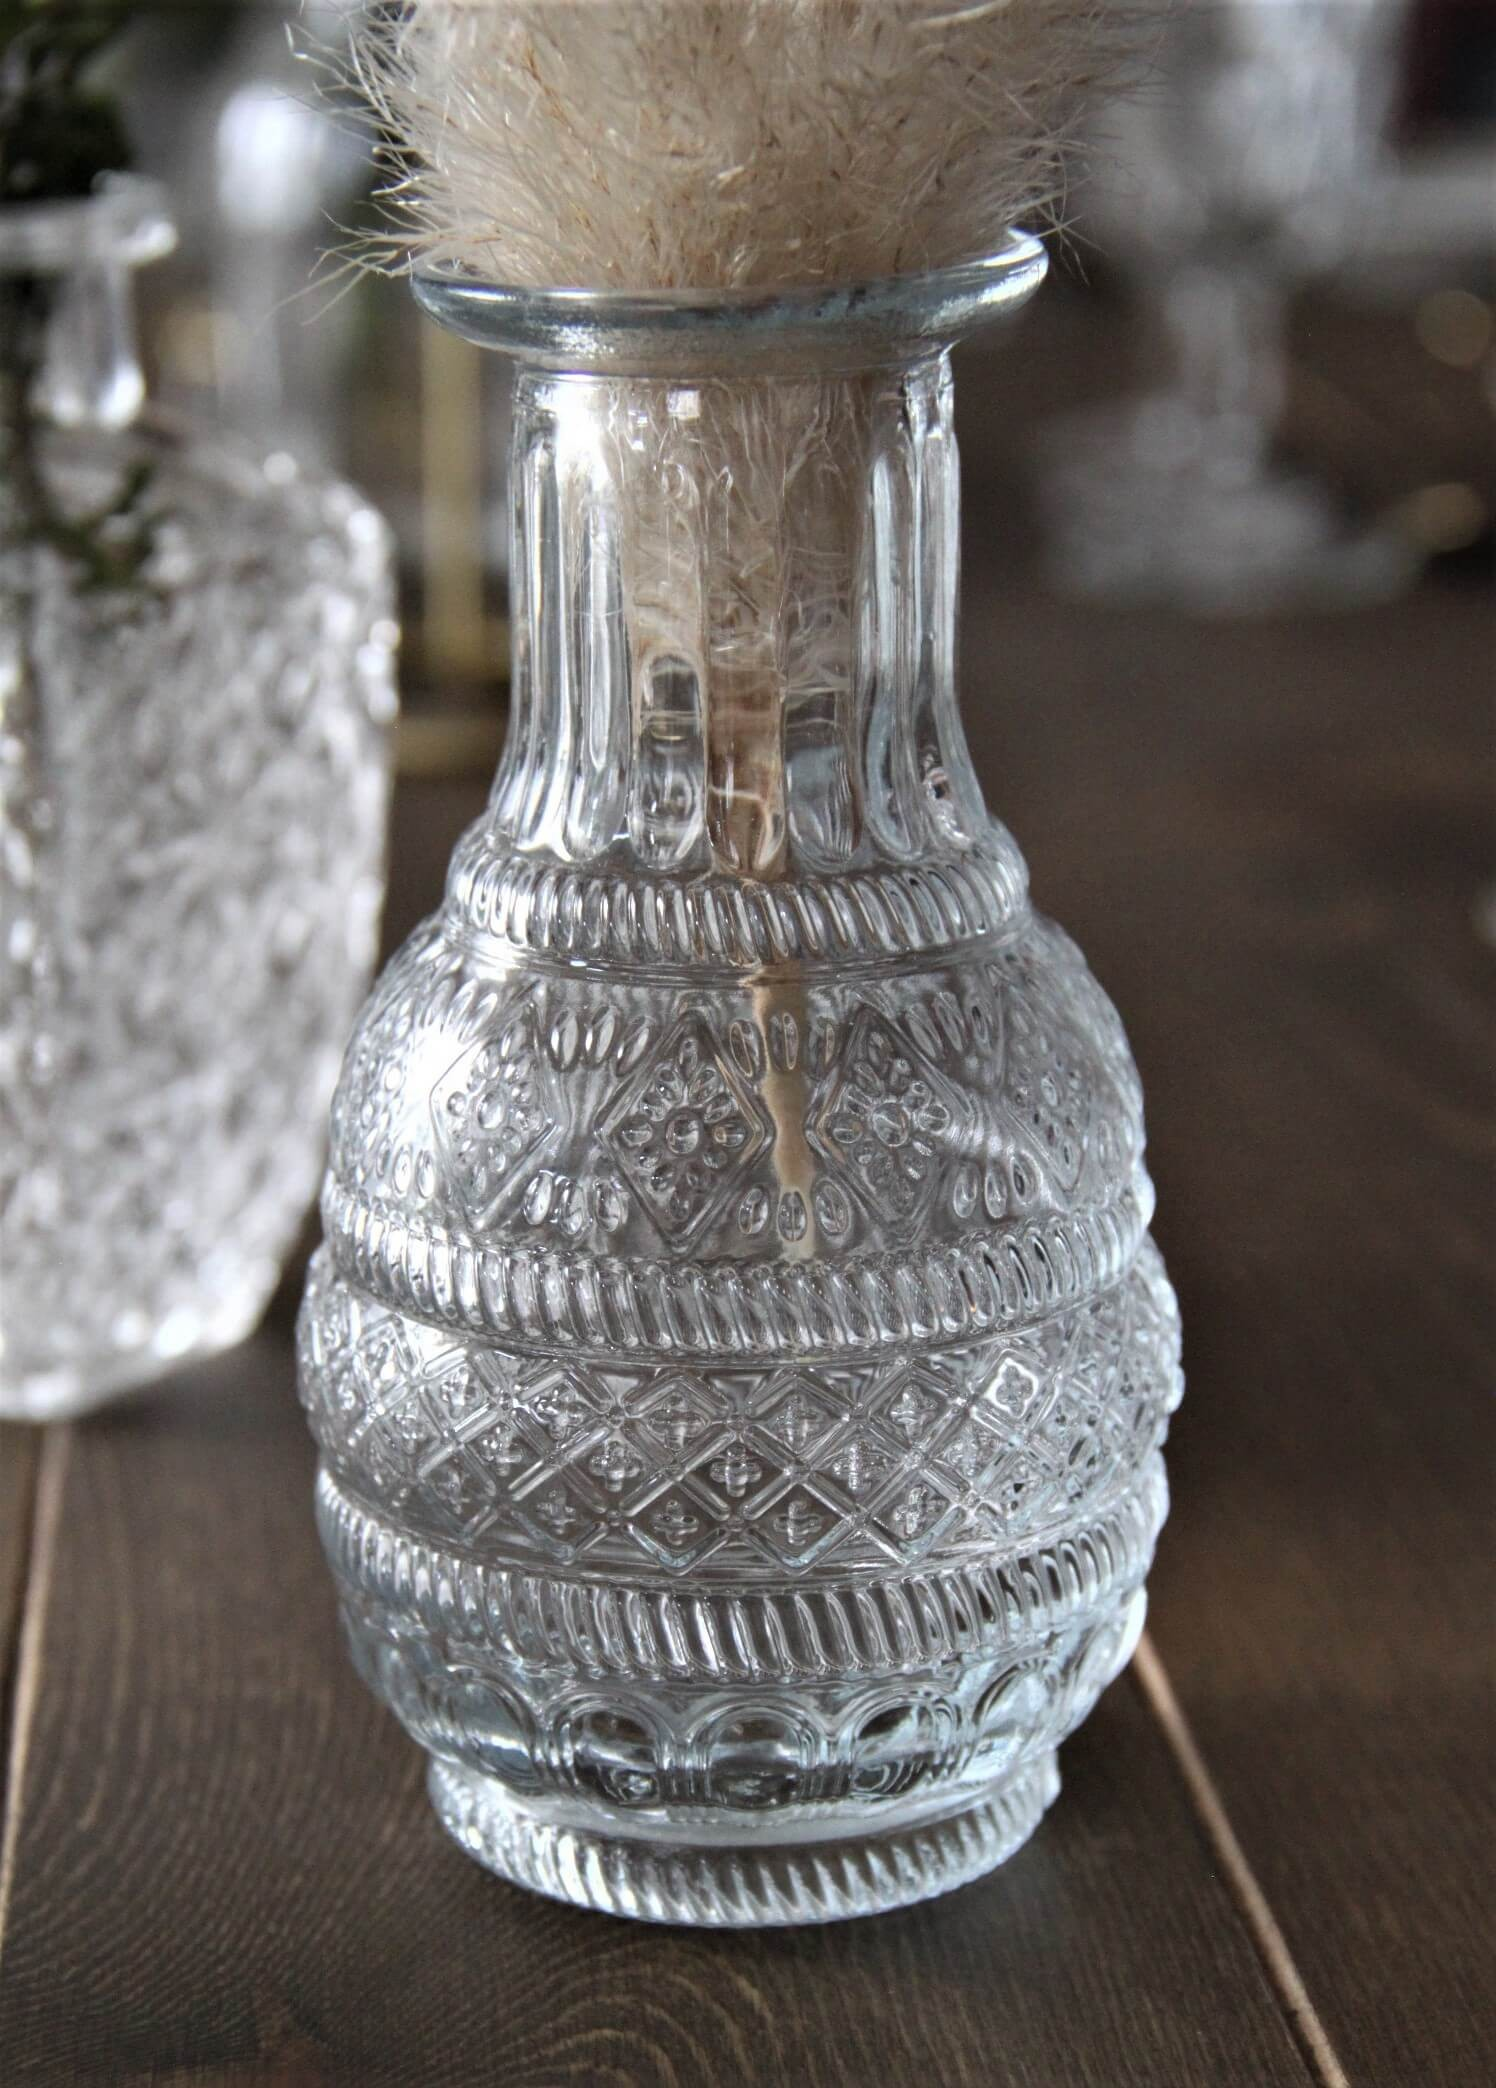 Petit vase pour mariage vintage 7.5x13cm